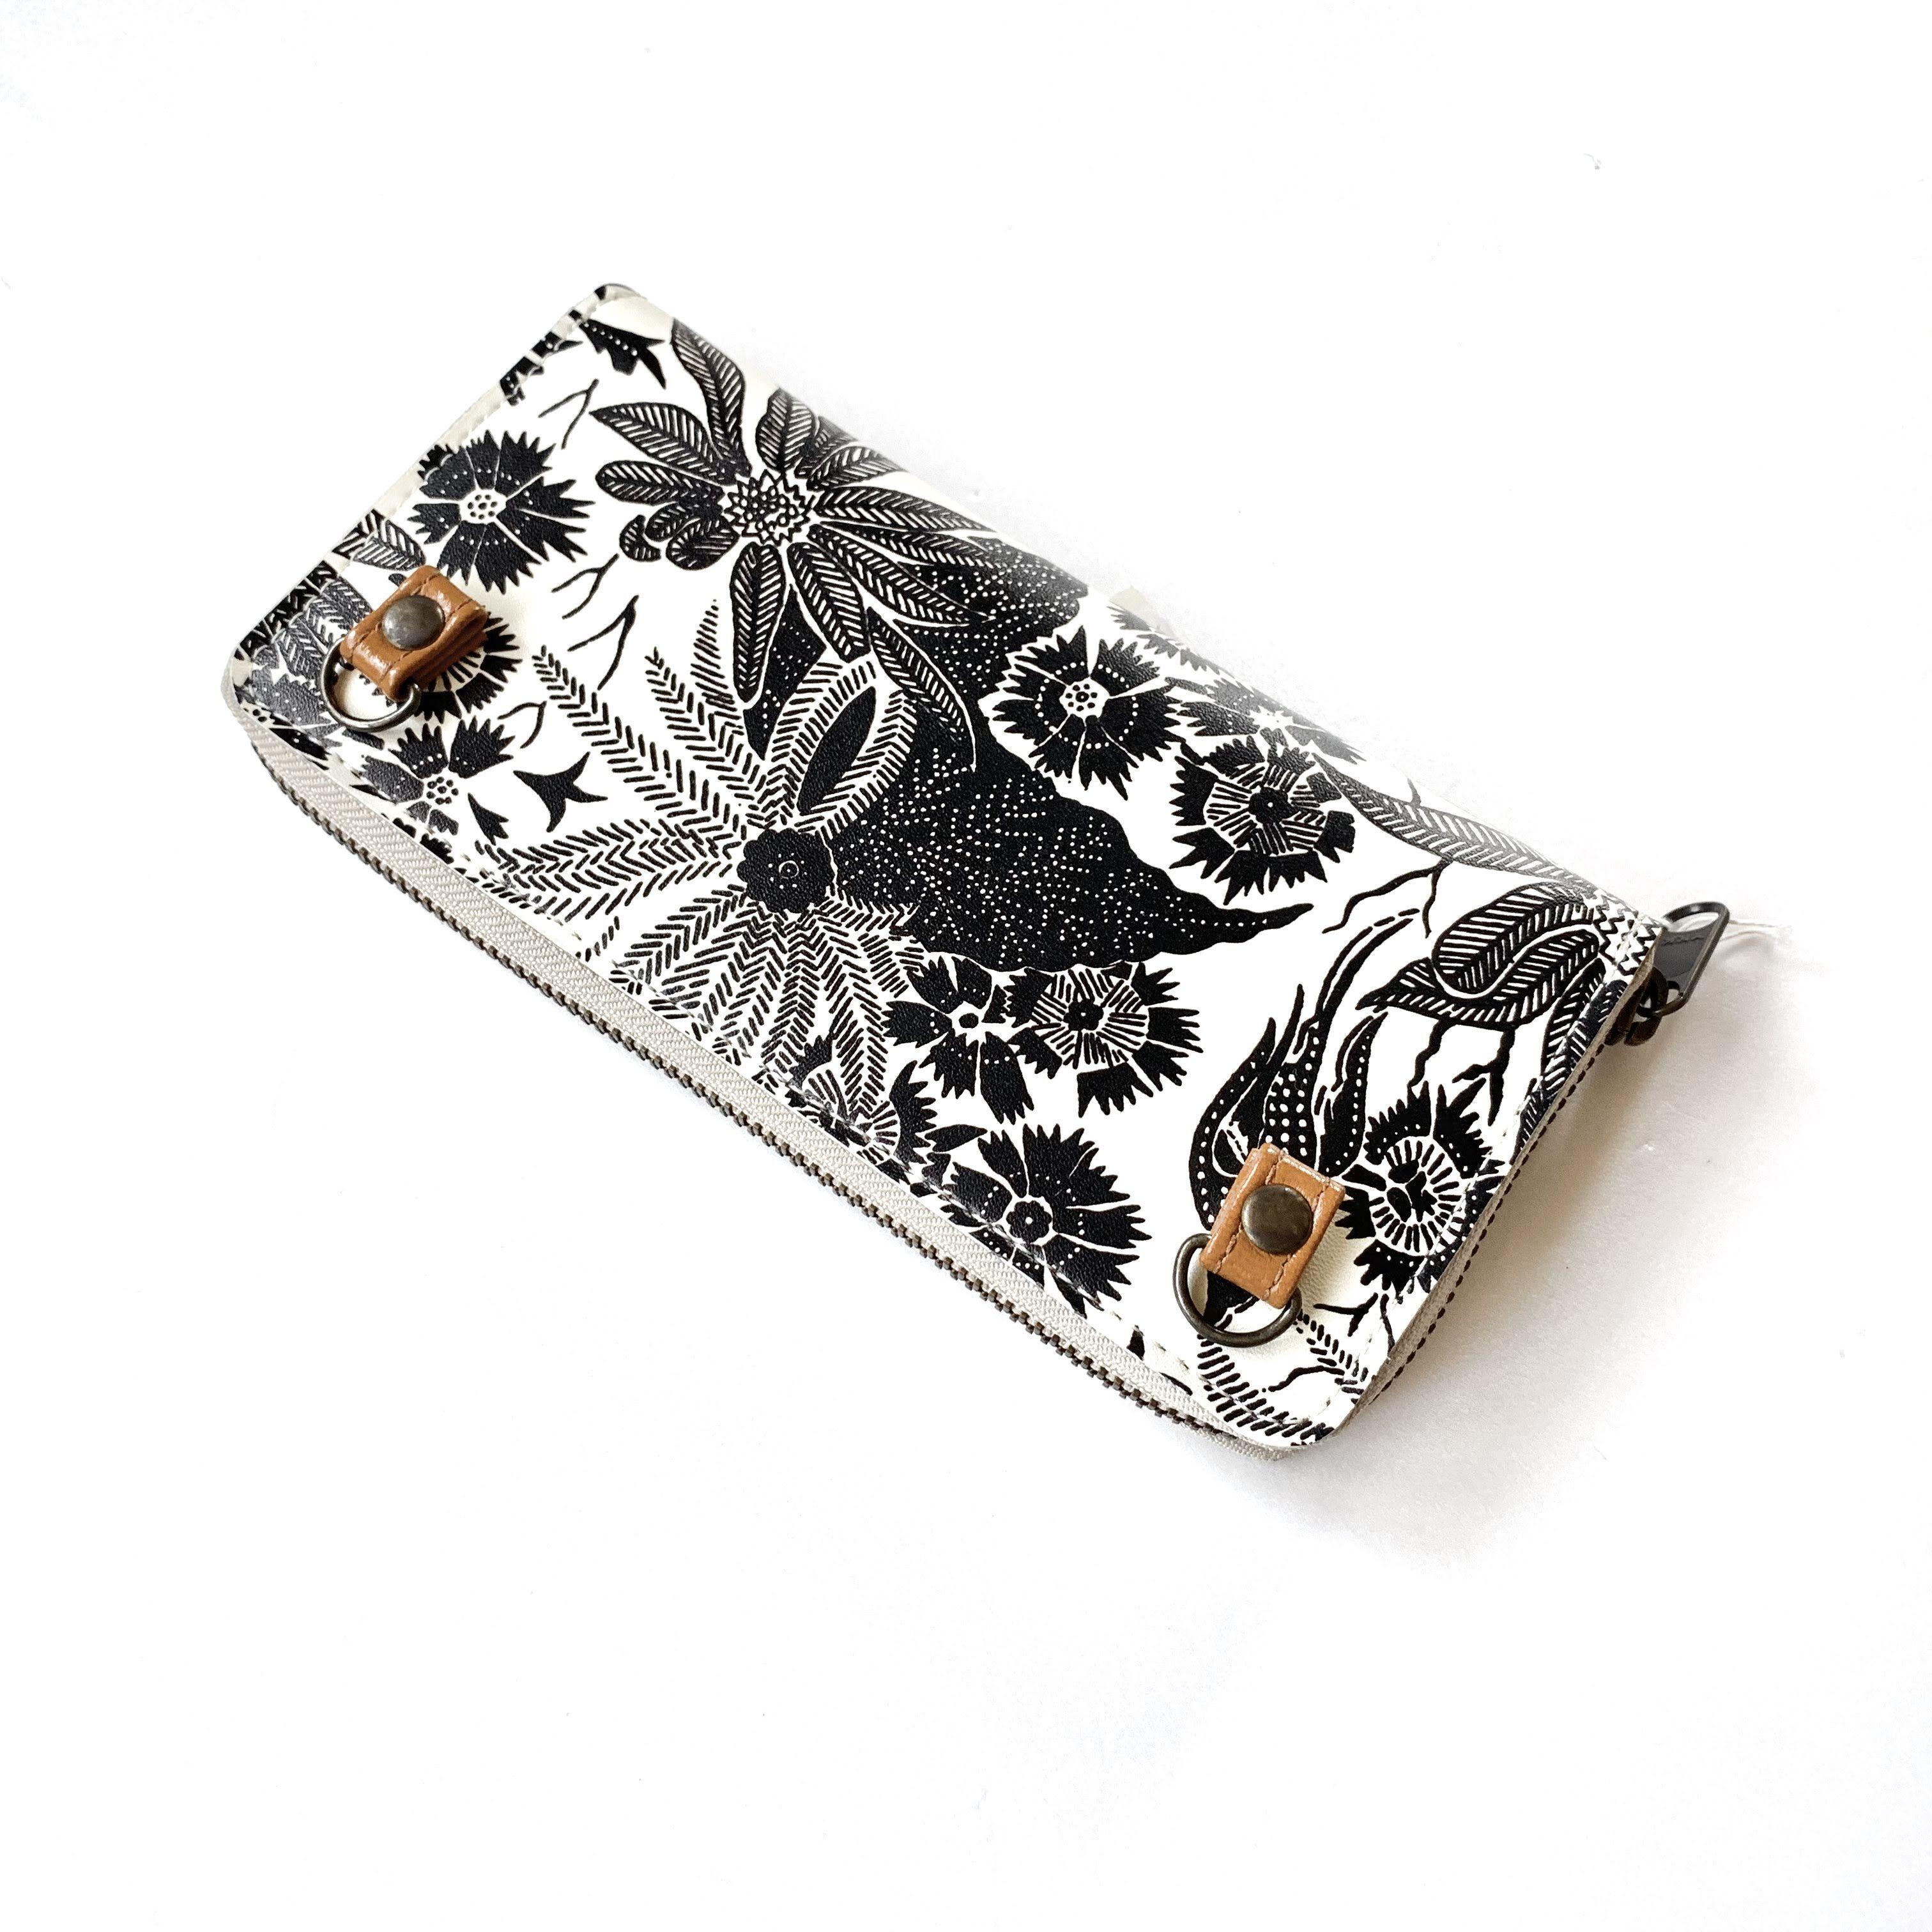 【ハシモト産業 x pink india】欧デザイン ストラップホルダー付牛革ラウンド財布 | paradise black